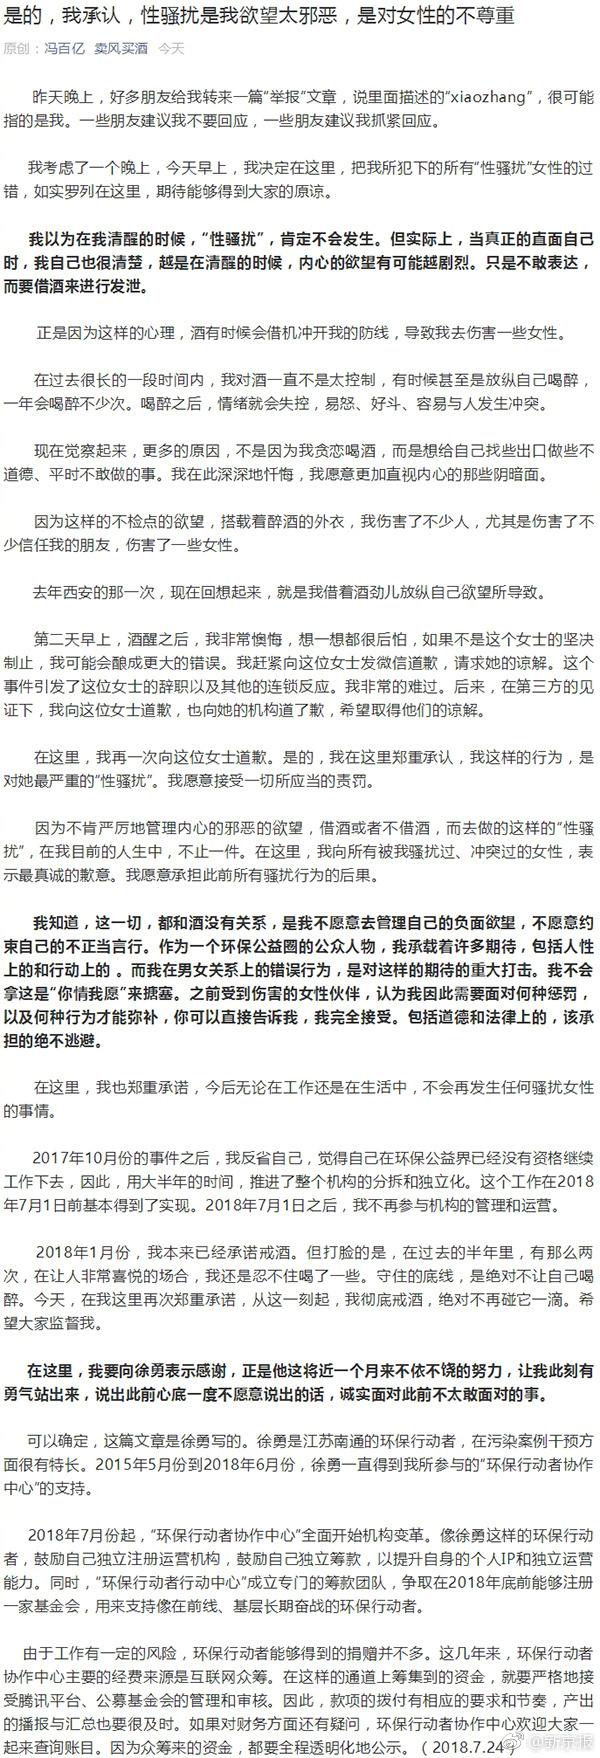 冯永锋回应2